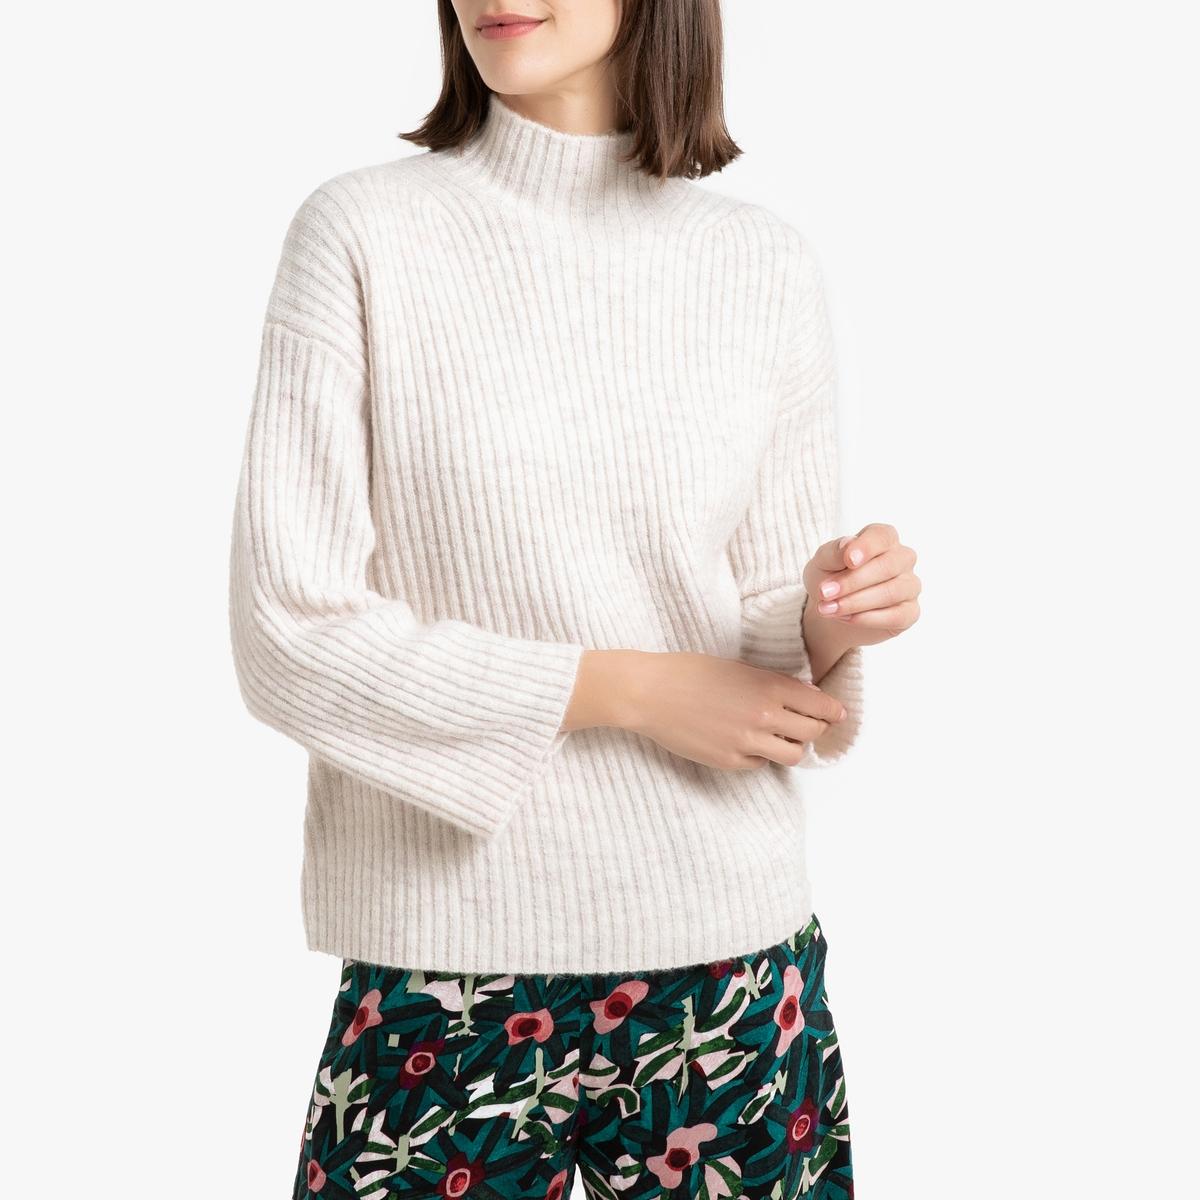 Пуловер La Redoute С круглым вырезом из плотного трикотажа PYRA 3(L) белый пуловер la redoute с круглым вырезом из шерсти мериноса pascal 3xl черный